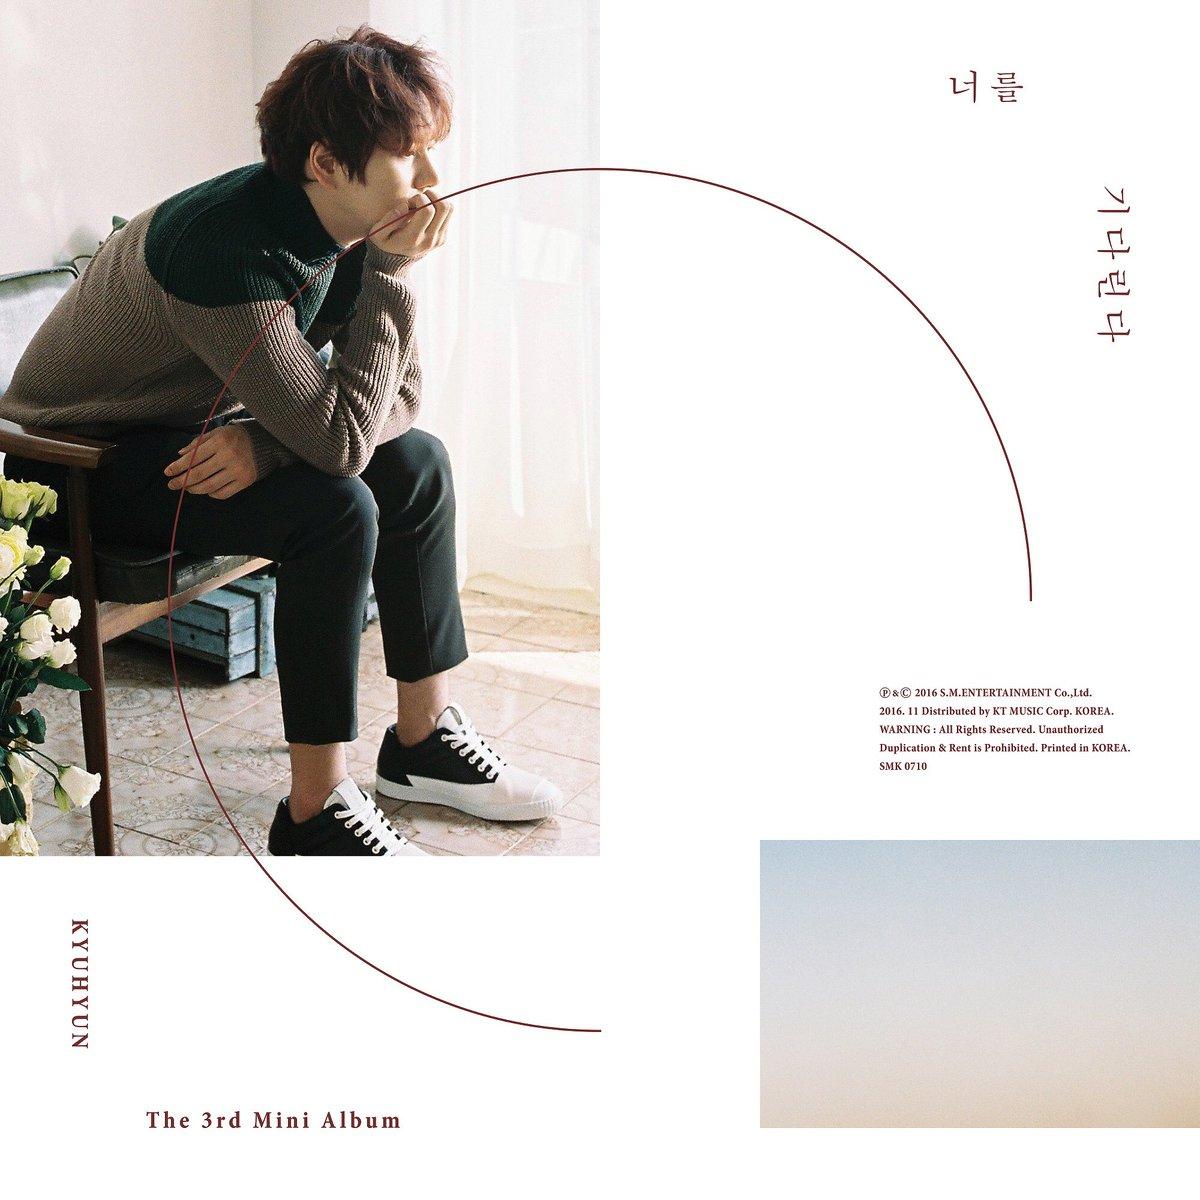 [규현] The 3rd Mini Album  너를 기다린다